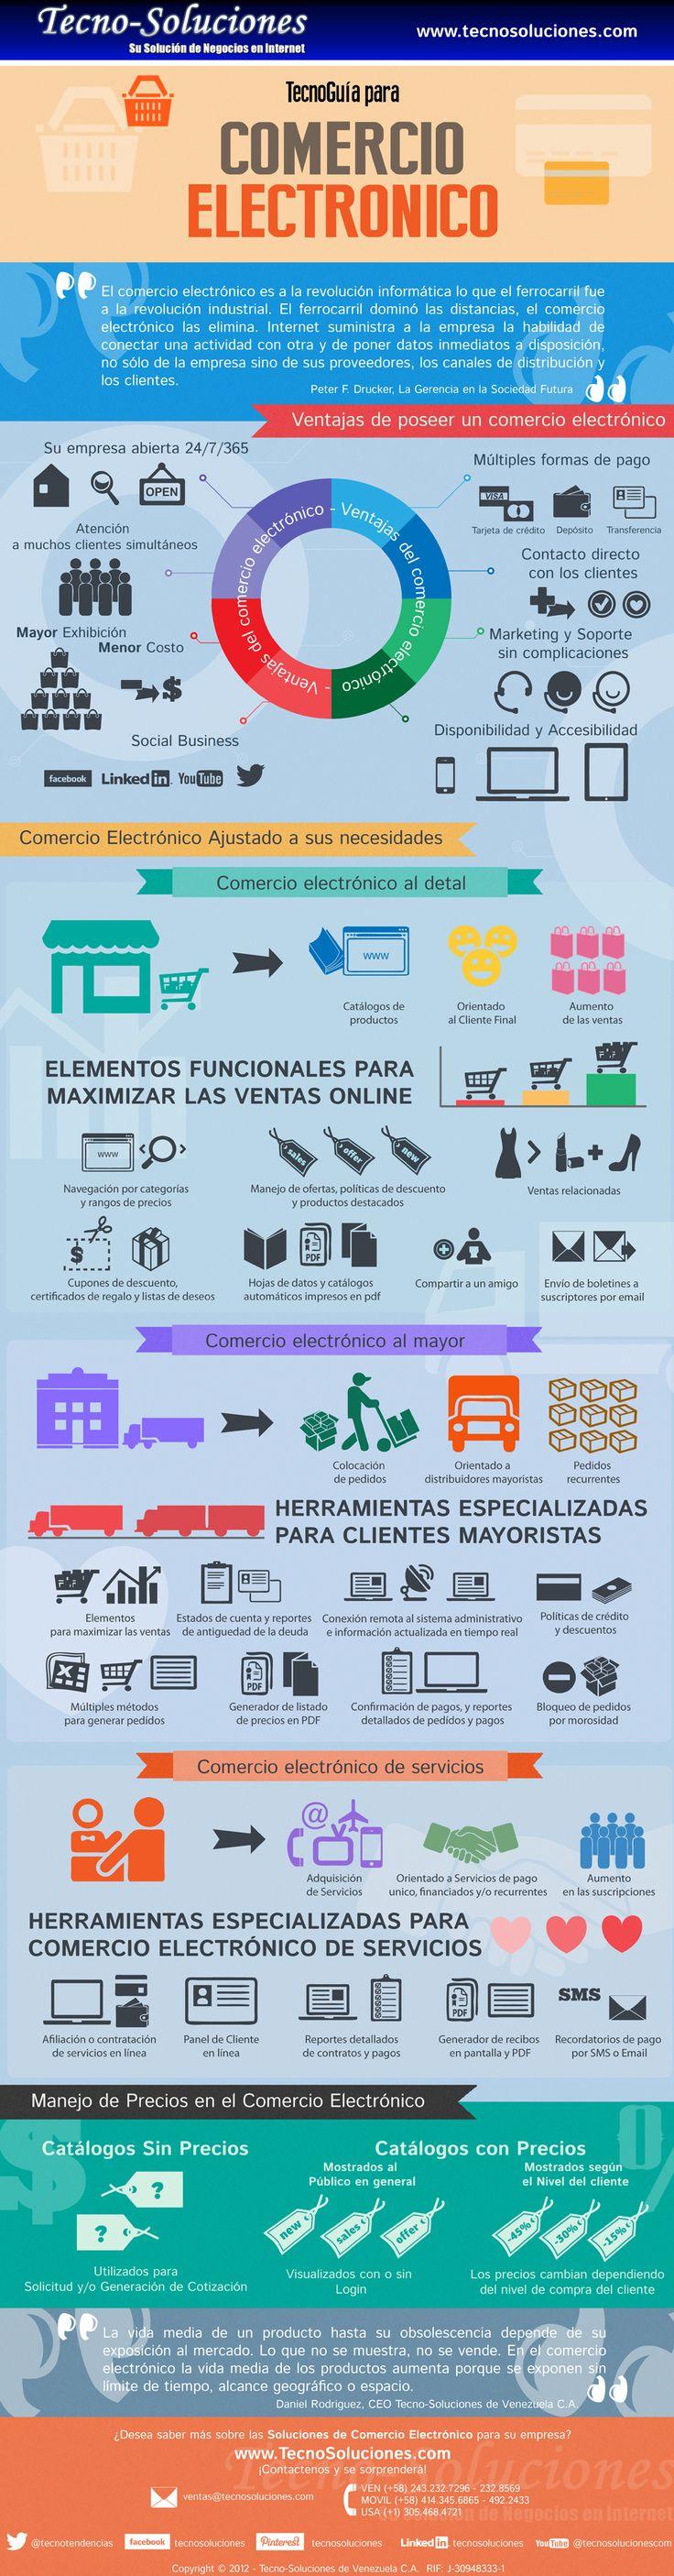 Una infografía con una Guía para Comercio Electrónico.